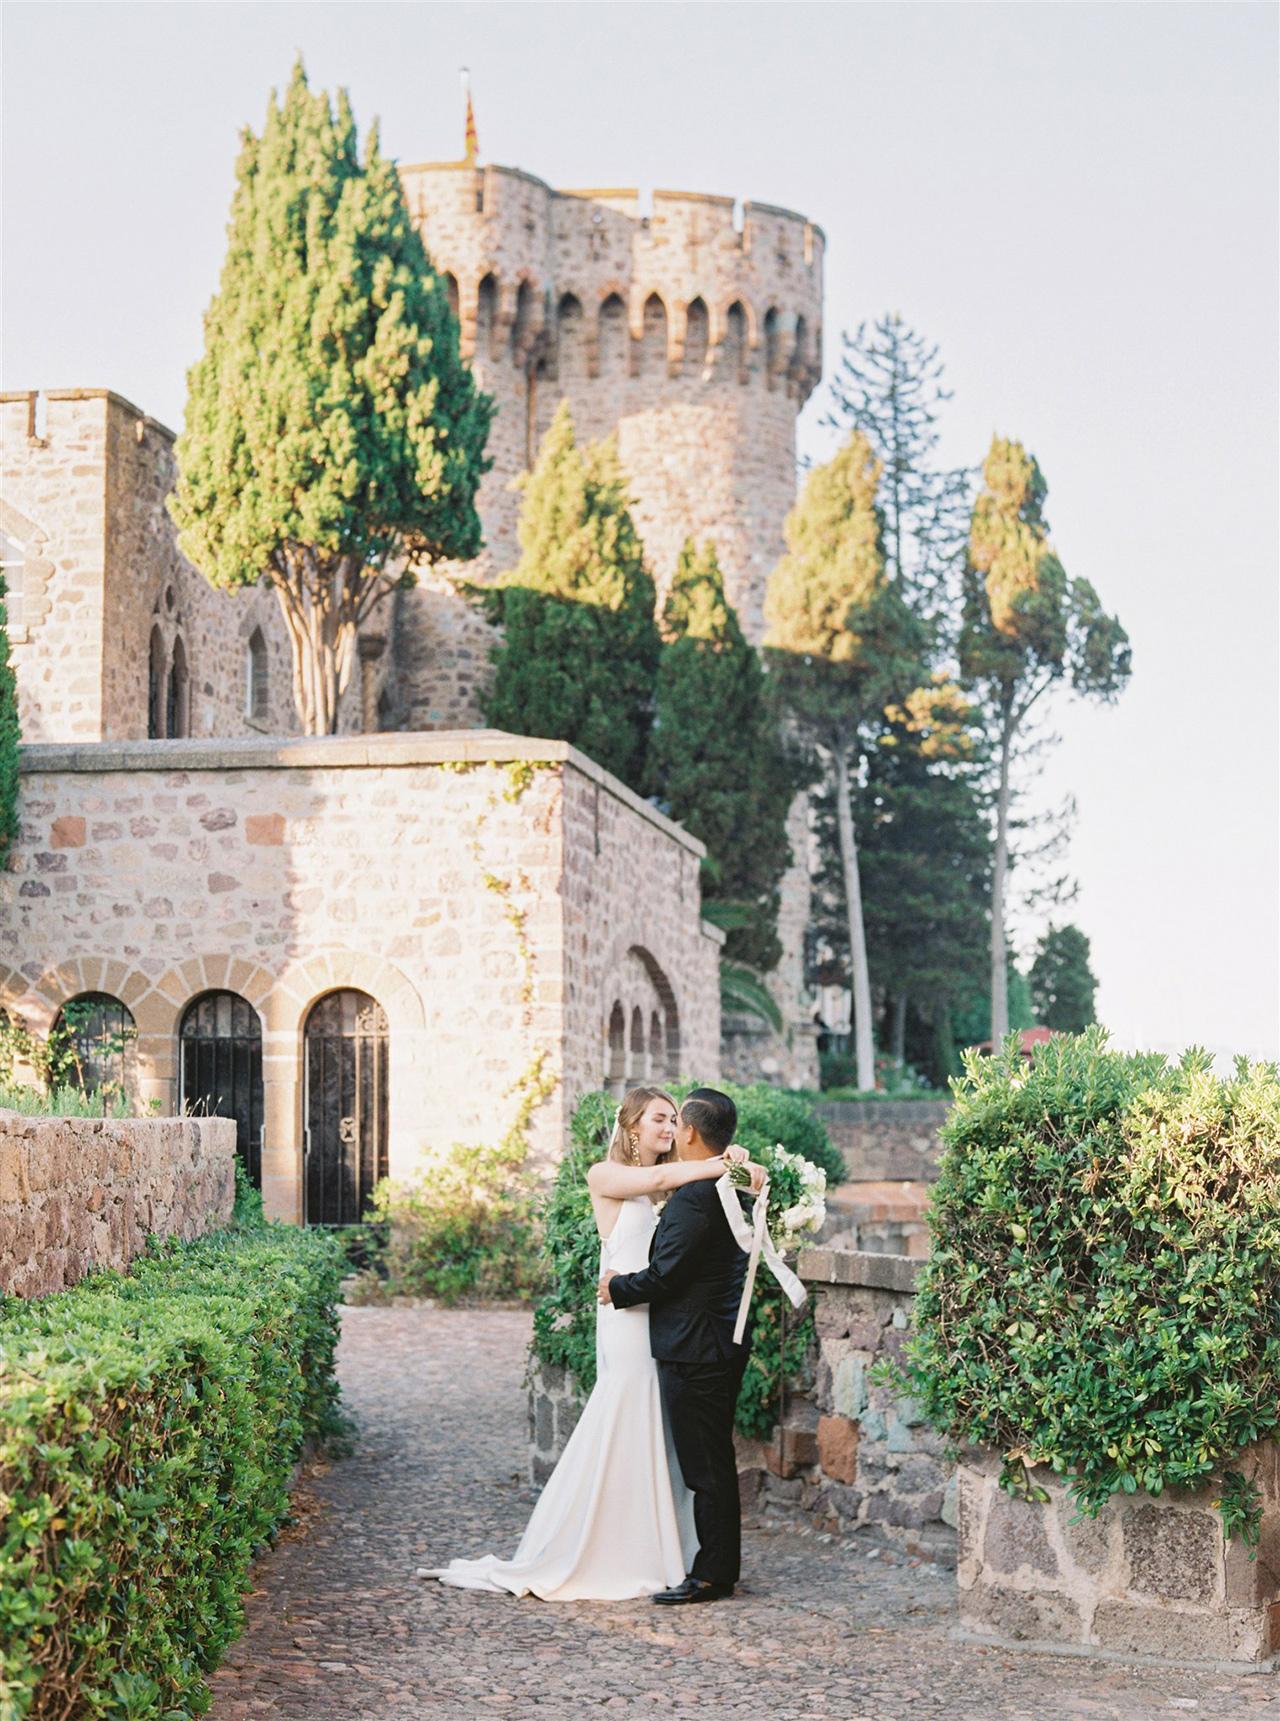 wedding couple pose outside historic castle